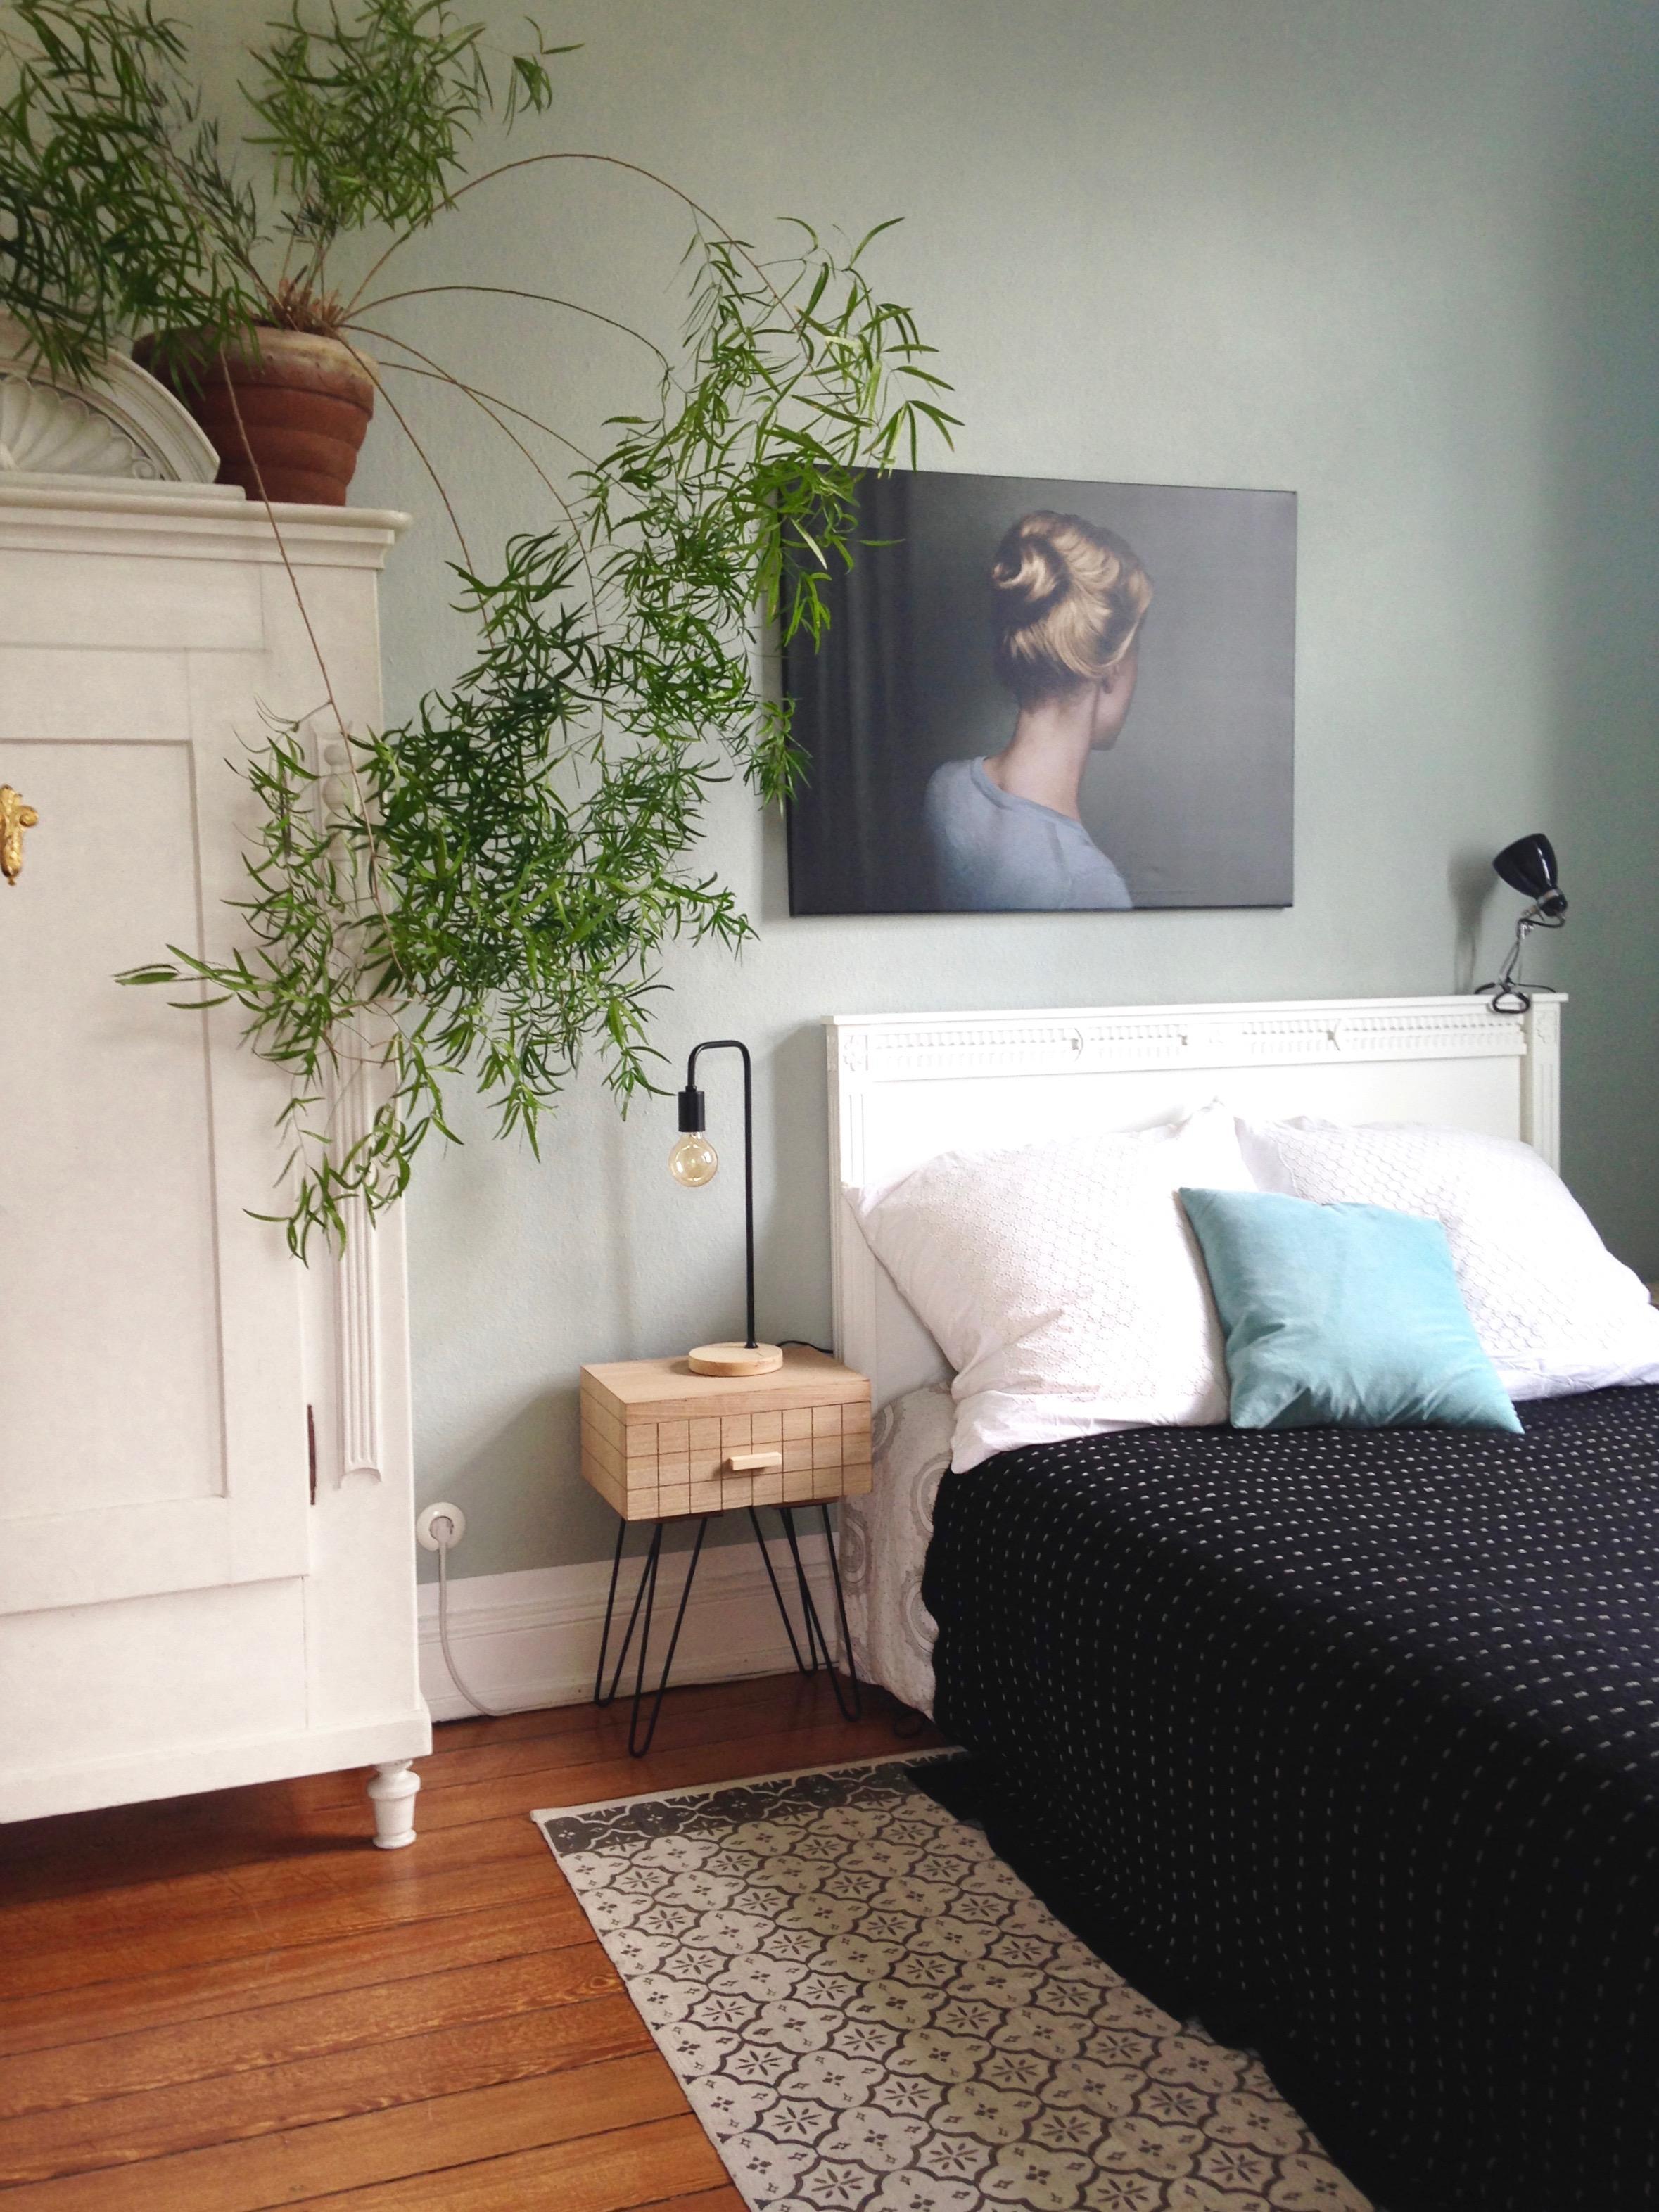 bedroomview bedroom schlafzimmer asparagus. Black Bedroom Furniture Sets. Home Design Ideas